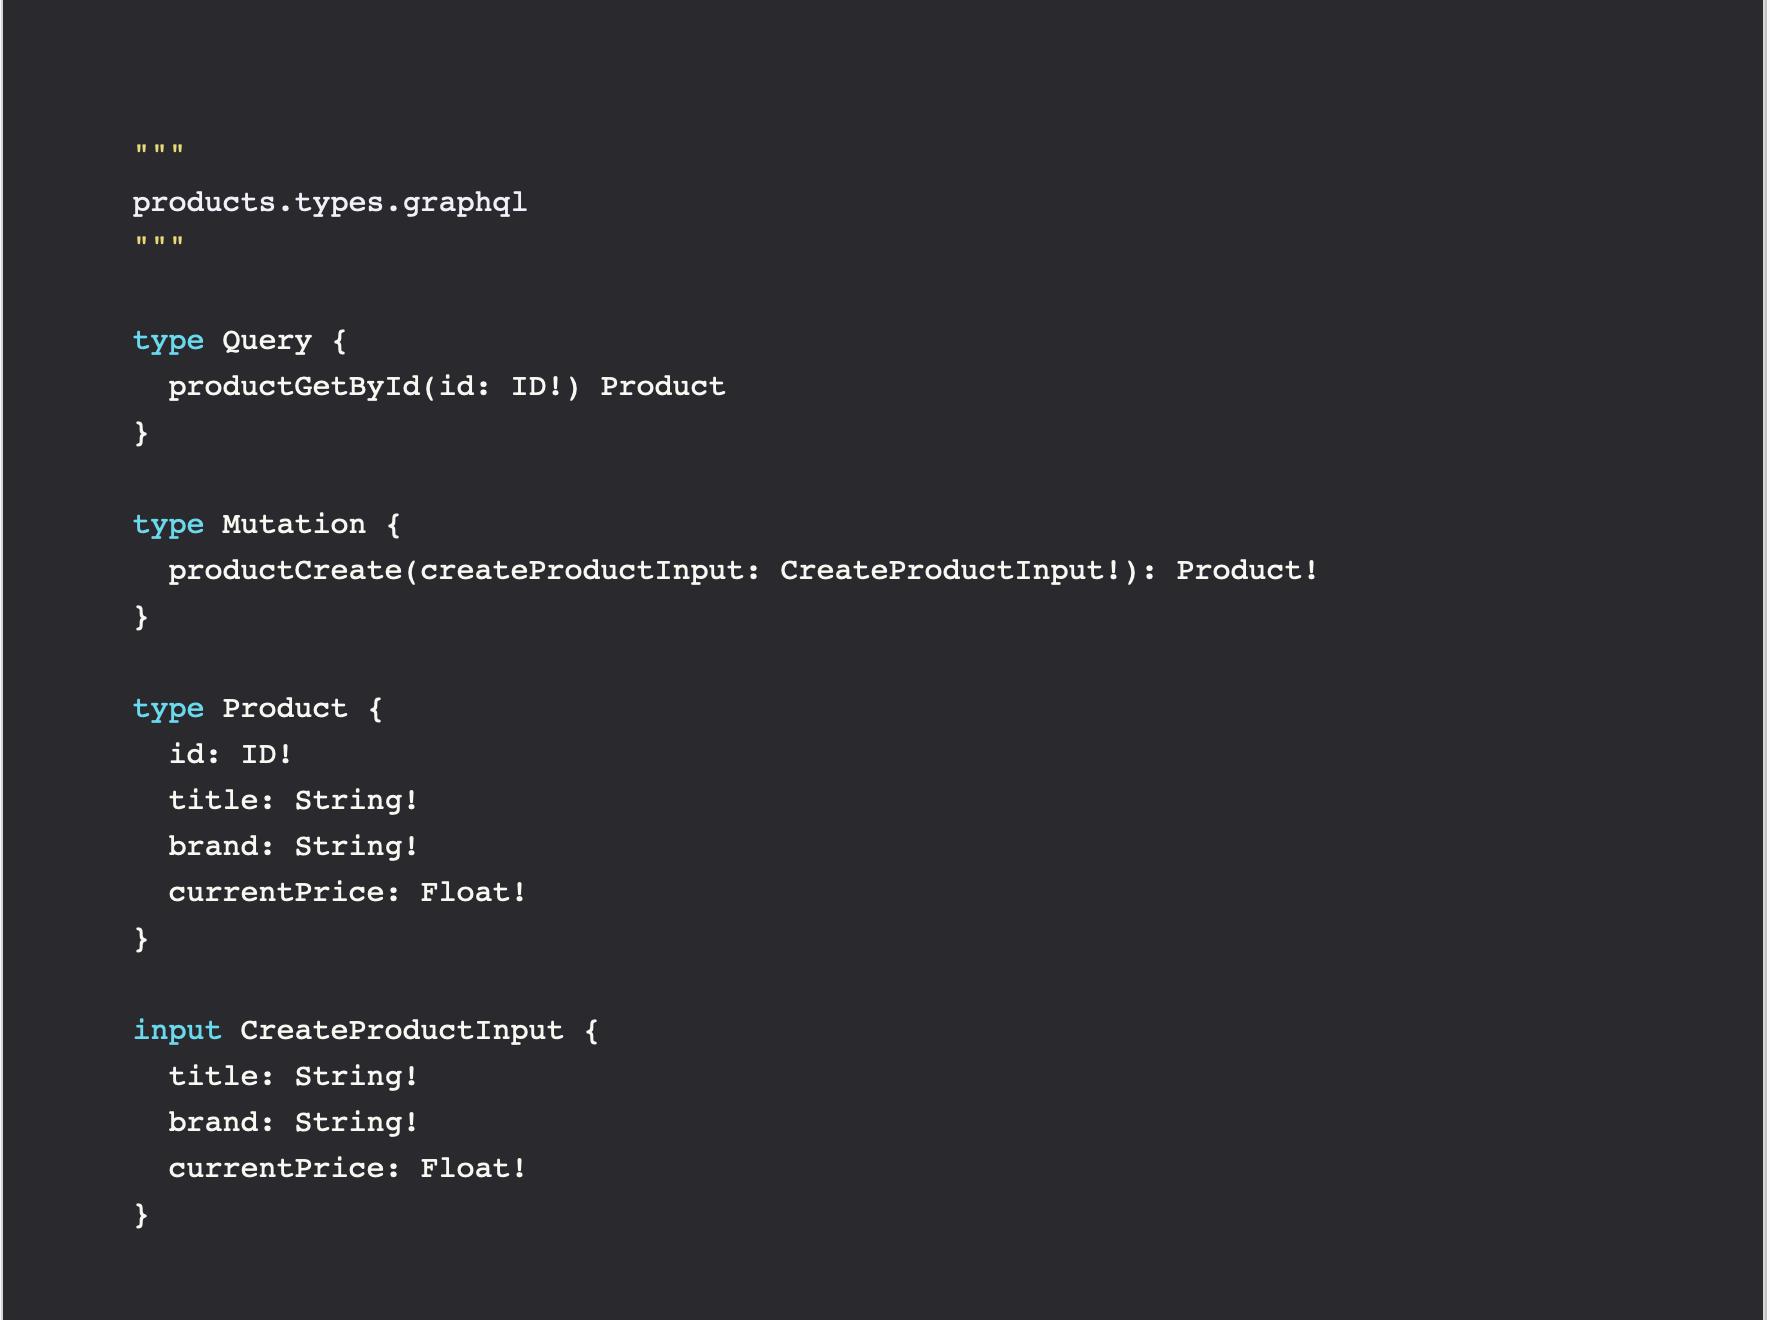 Screenshot 2019-11-05 at 08.58.14